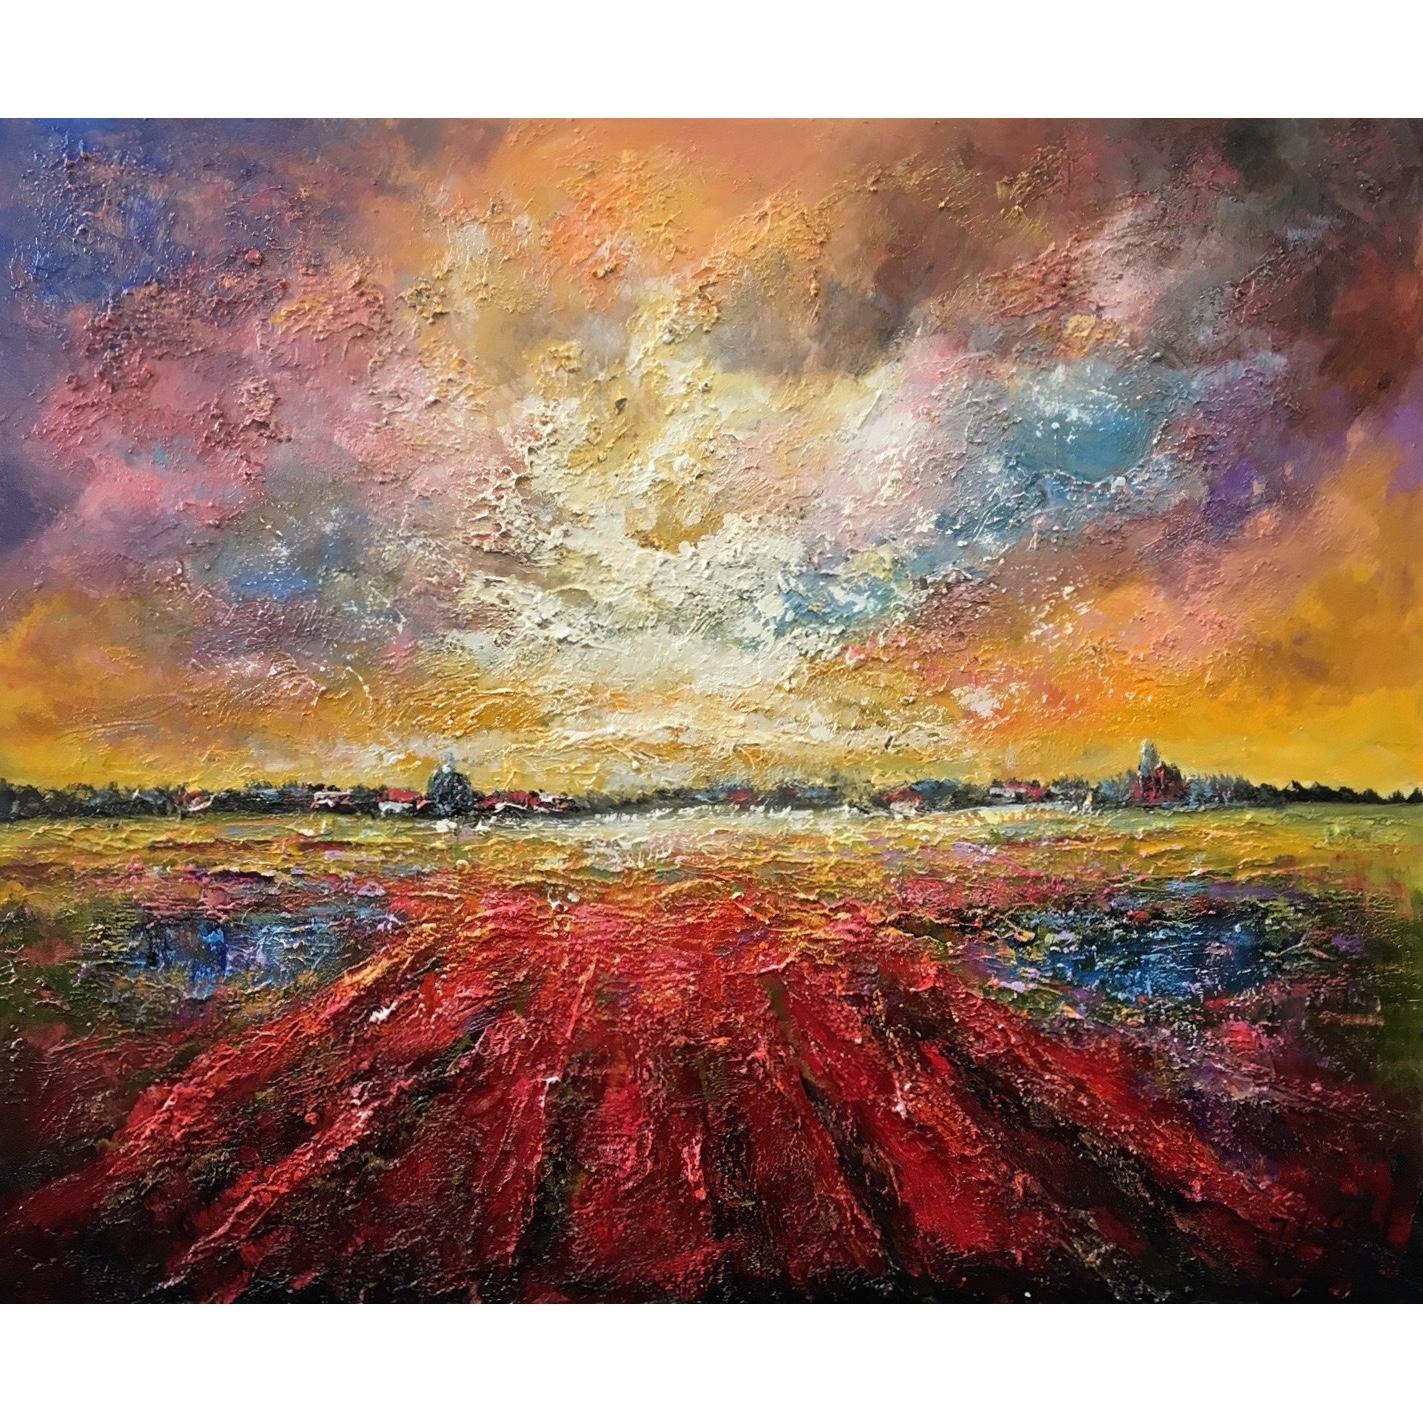 Top Jochem de Graaf schilderij 'landschap' - Bollenveld 100 x 120 cm &SO57